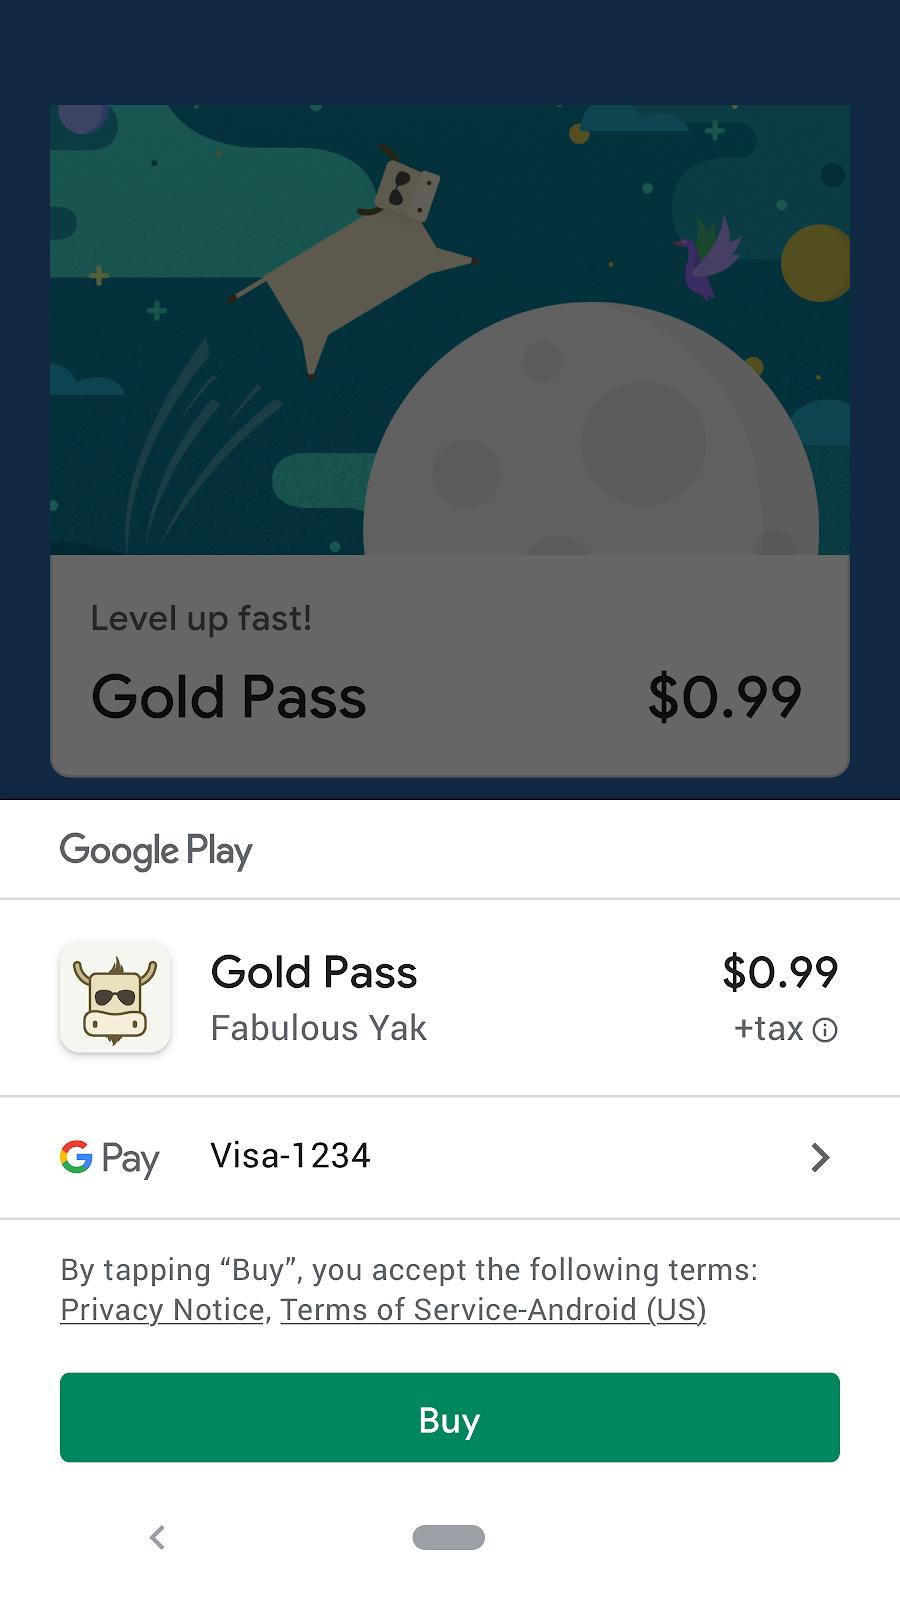 usar o sistema de faturamento do Google Play para vender produtos, softwares ou serviços digitais